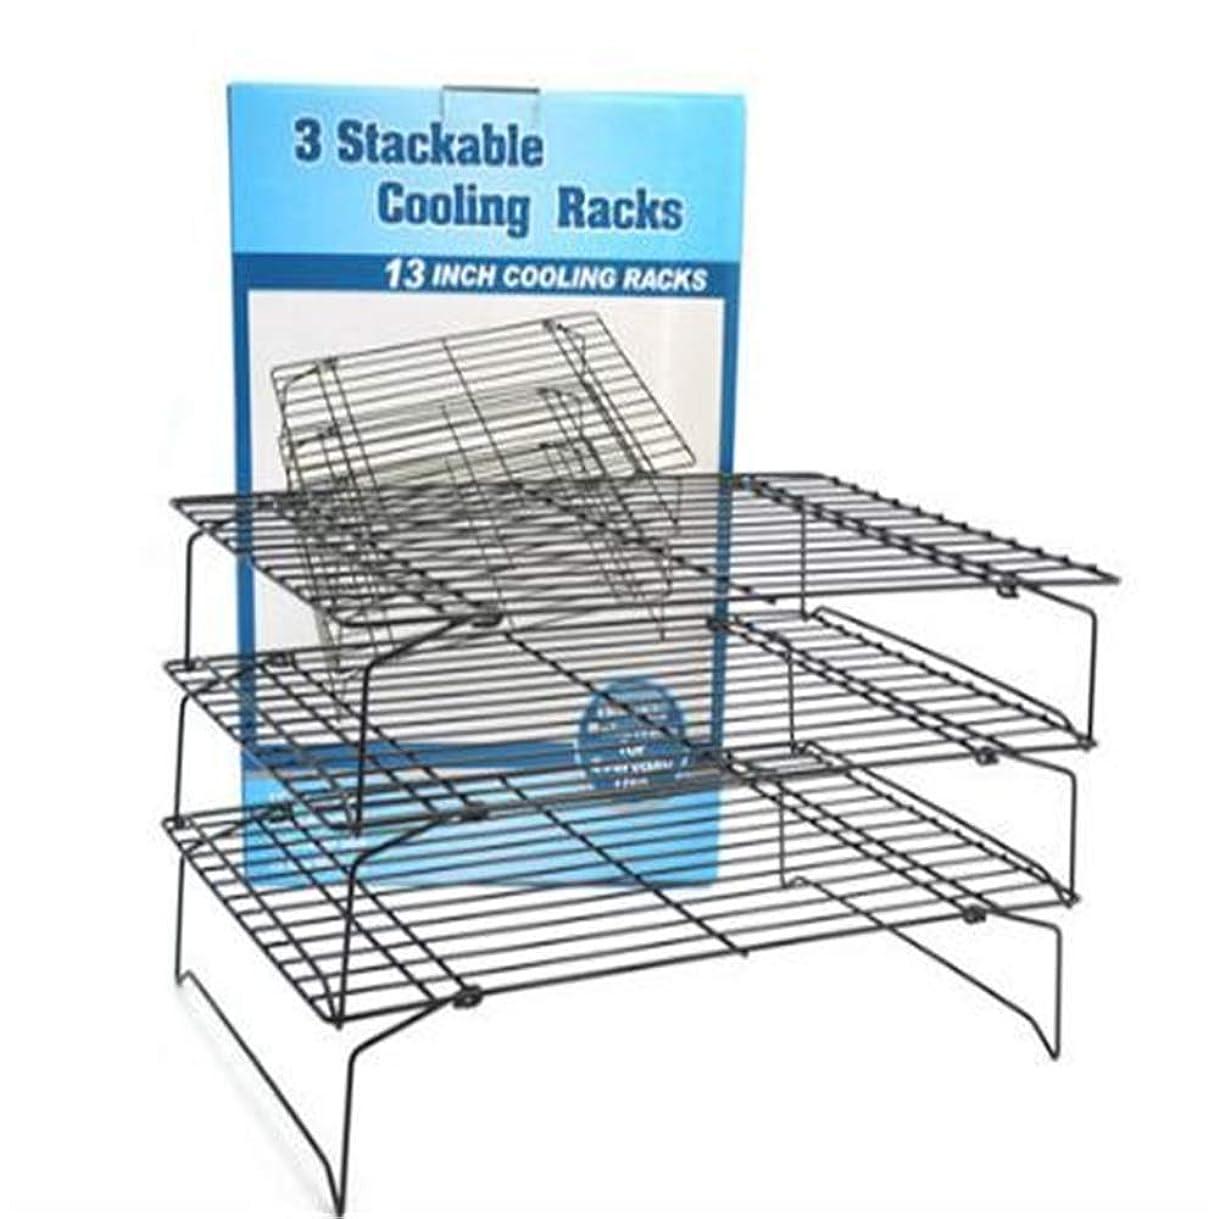 おいしい瞑想的人ノンスティックパン冷却ラックグリル安全スタッカブルノンスティッククロスグリッドクッキー冷却ラックベーキング用品パンケーキビスケットを作るのに適しています3層